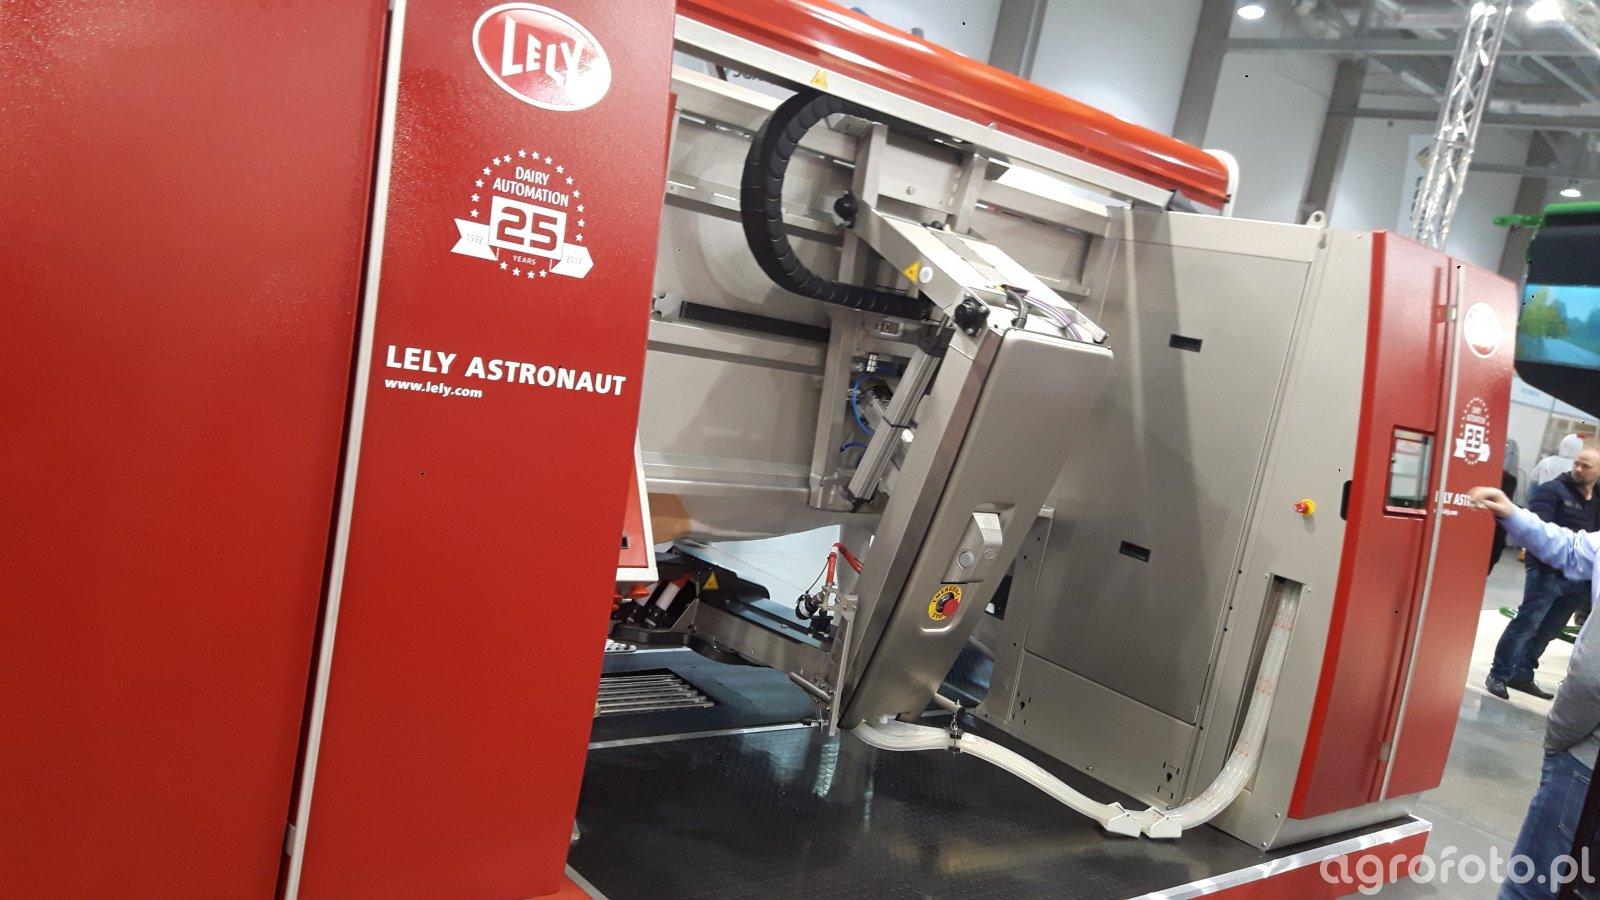 Lely austronaut